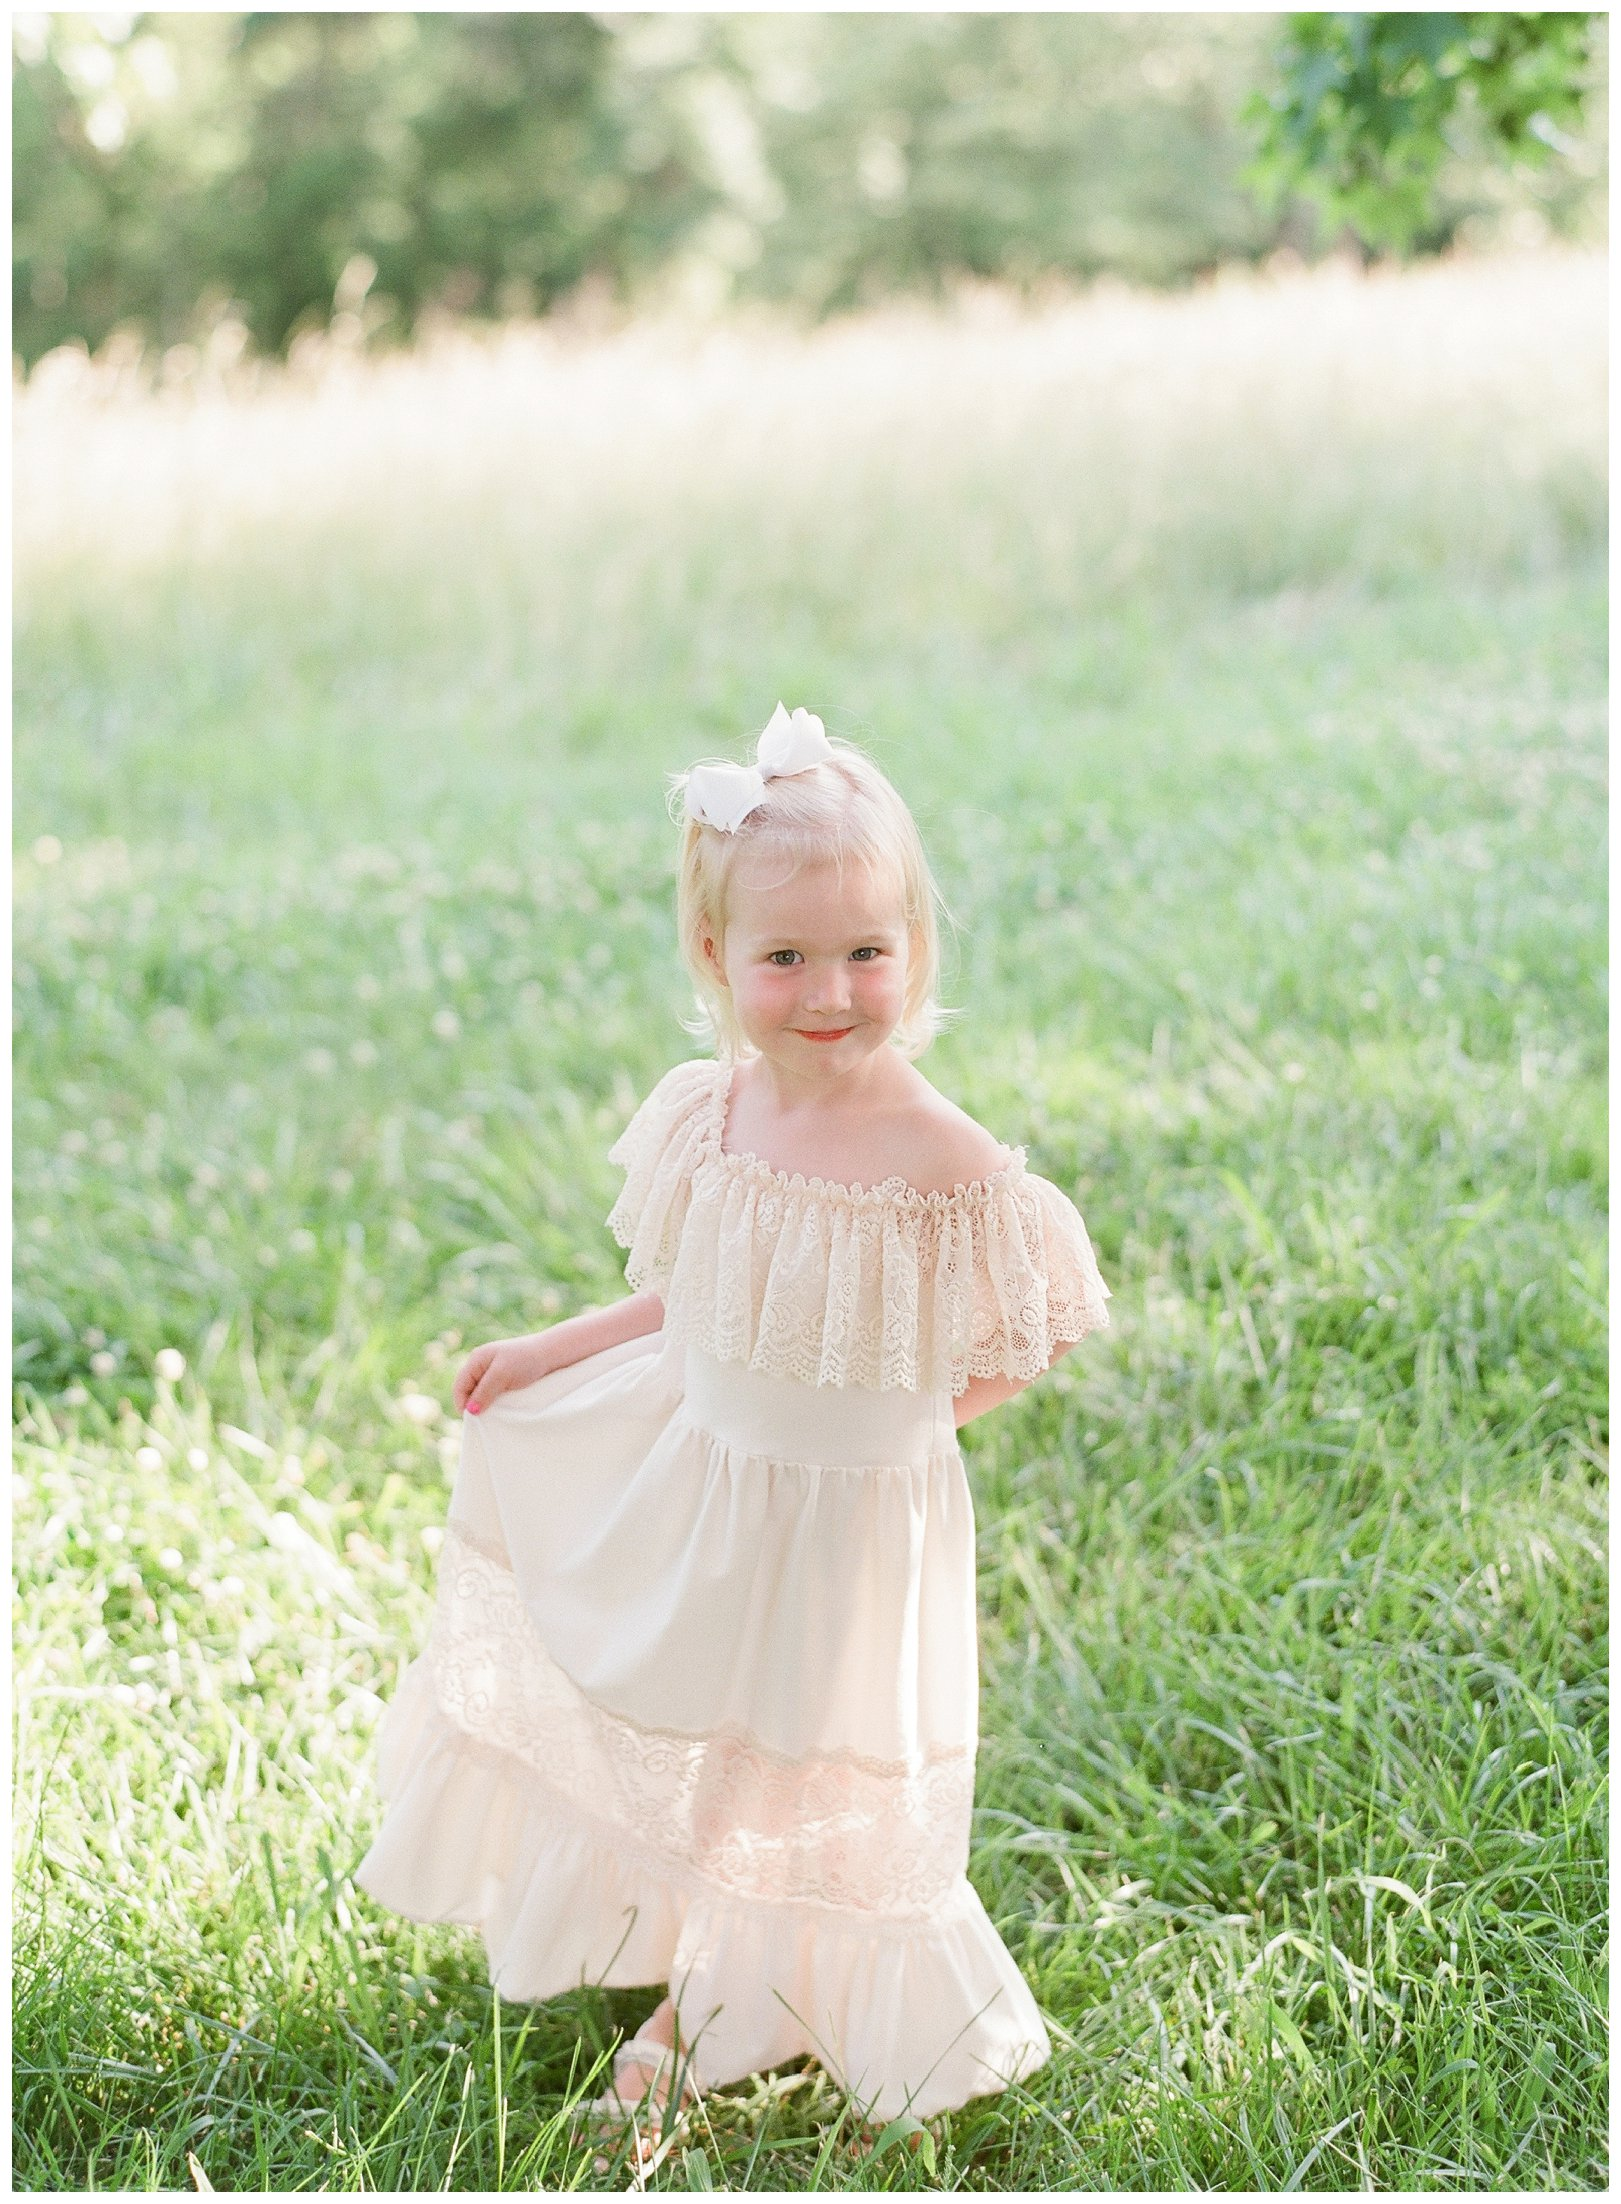 lauren muckler photography_fine art film wedding photography_st louis_photography_2996.jpg